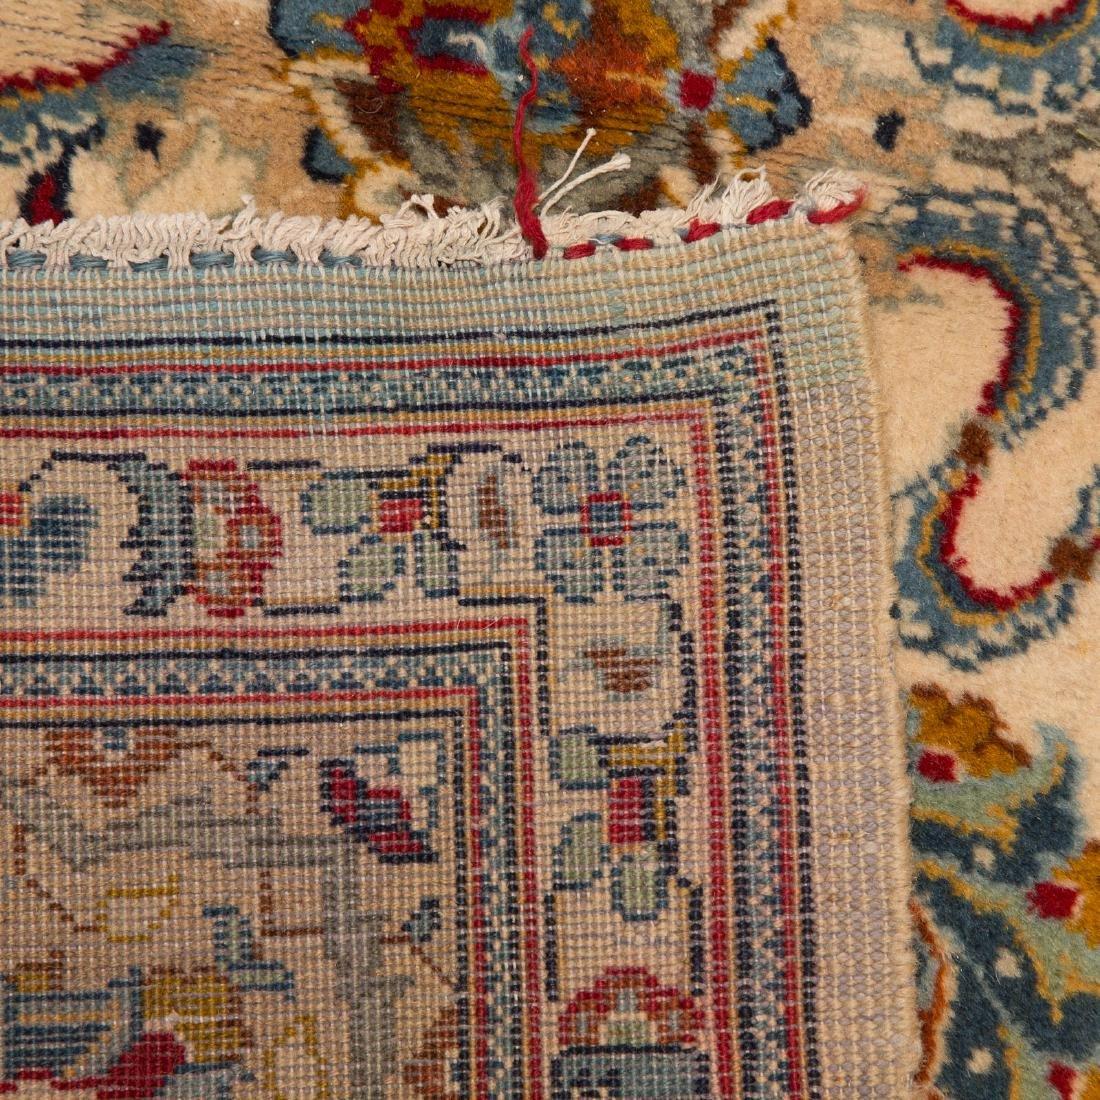 Persian Keshan rug, approx. 6.5 x 10.3 - 3